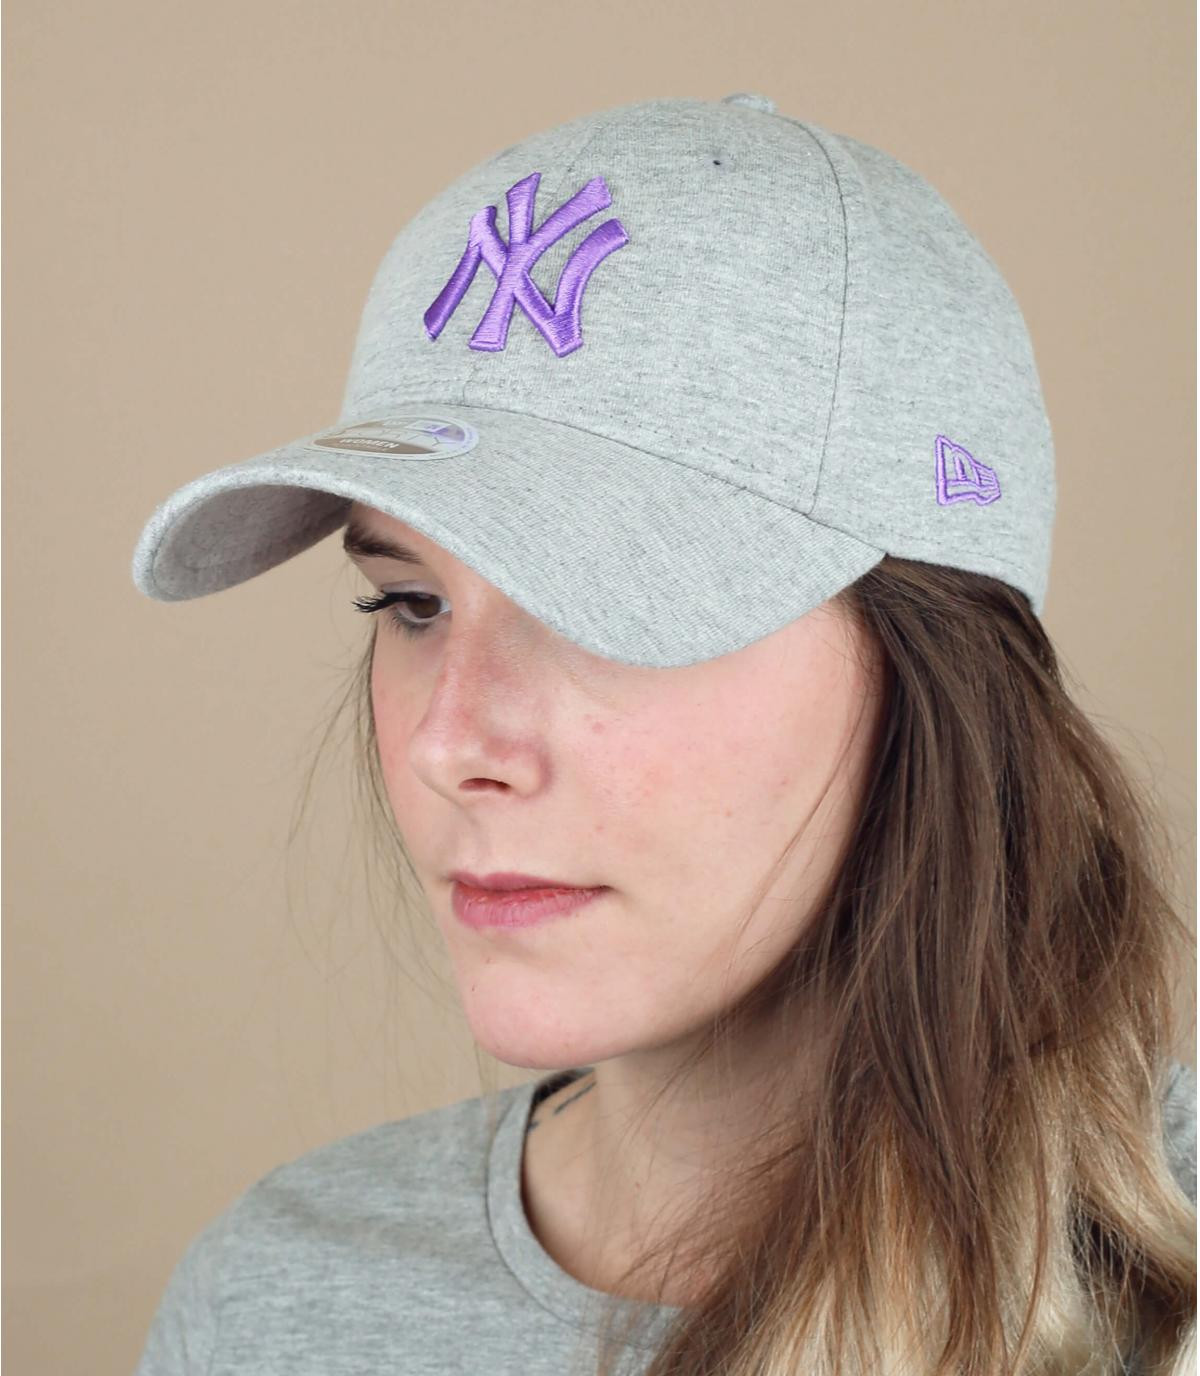 Damen Cap NY grau